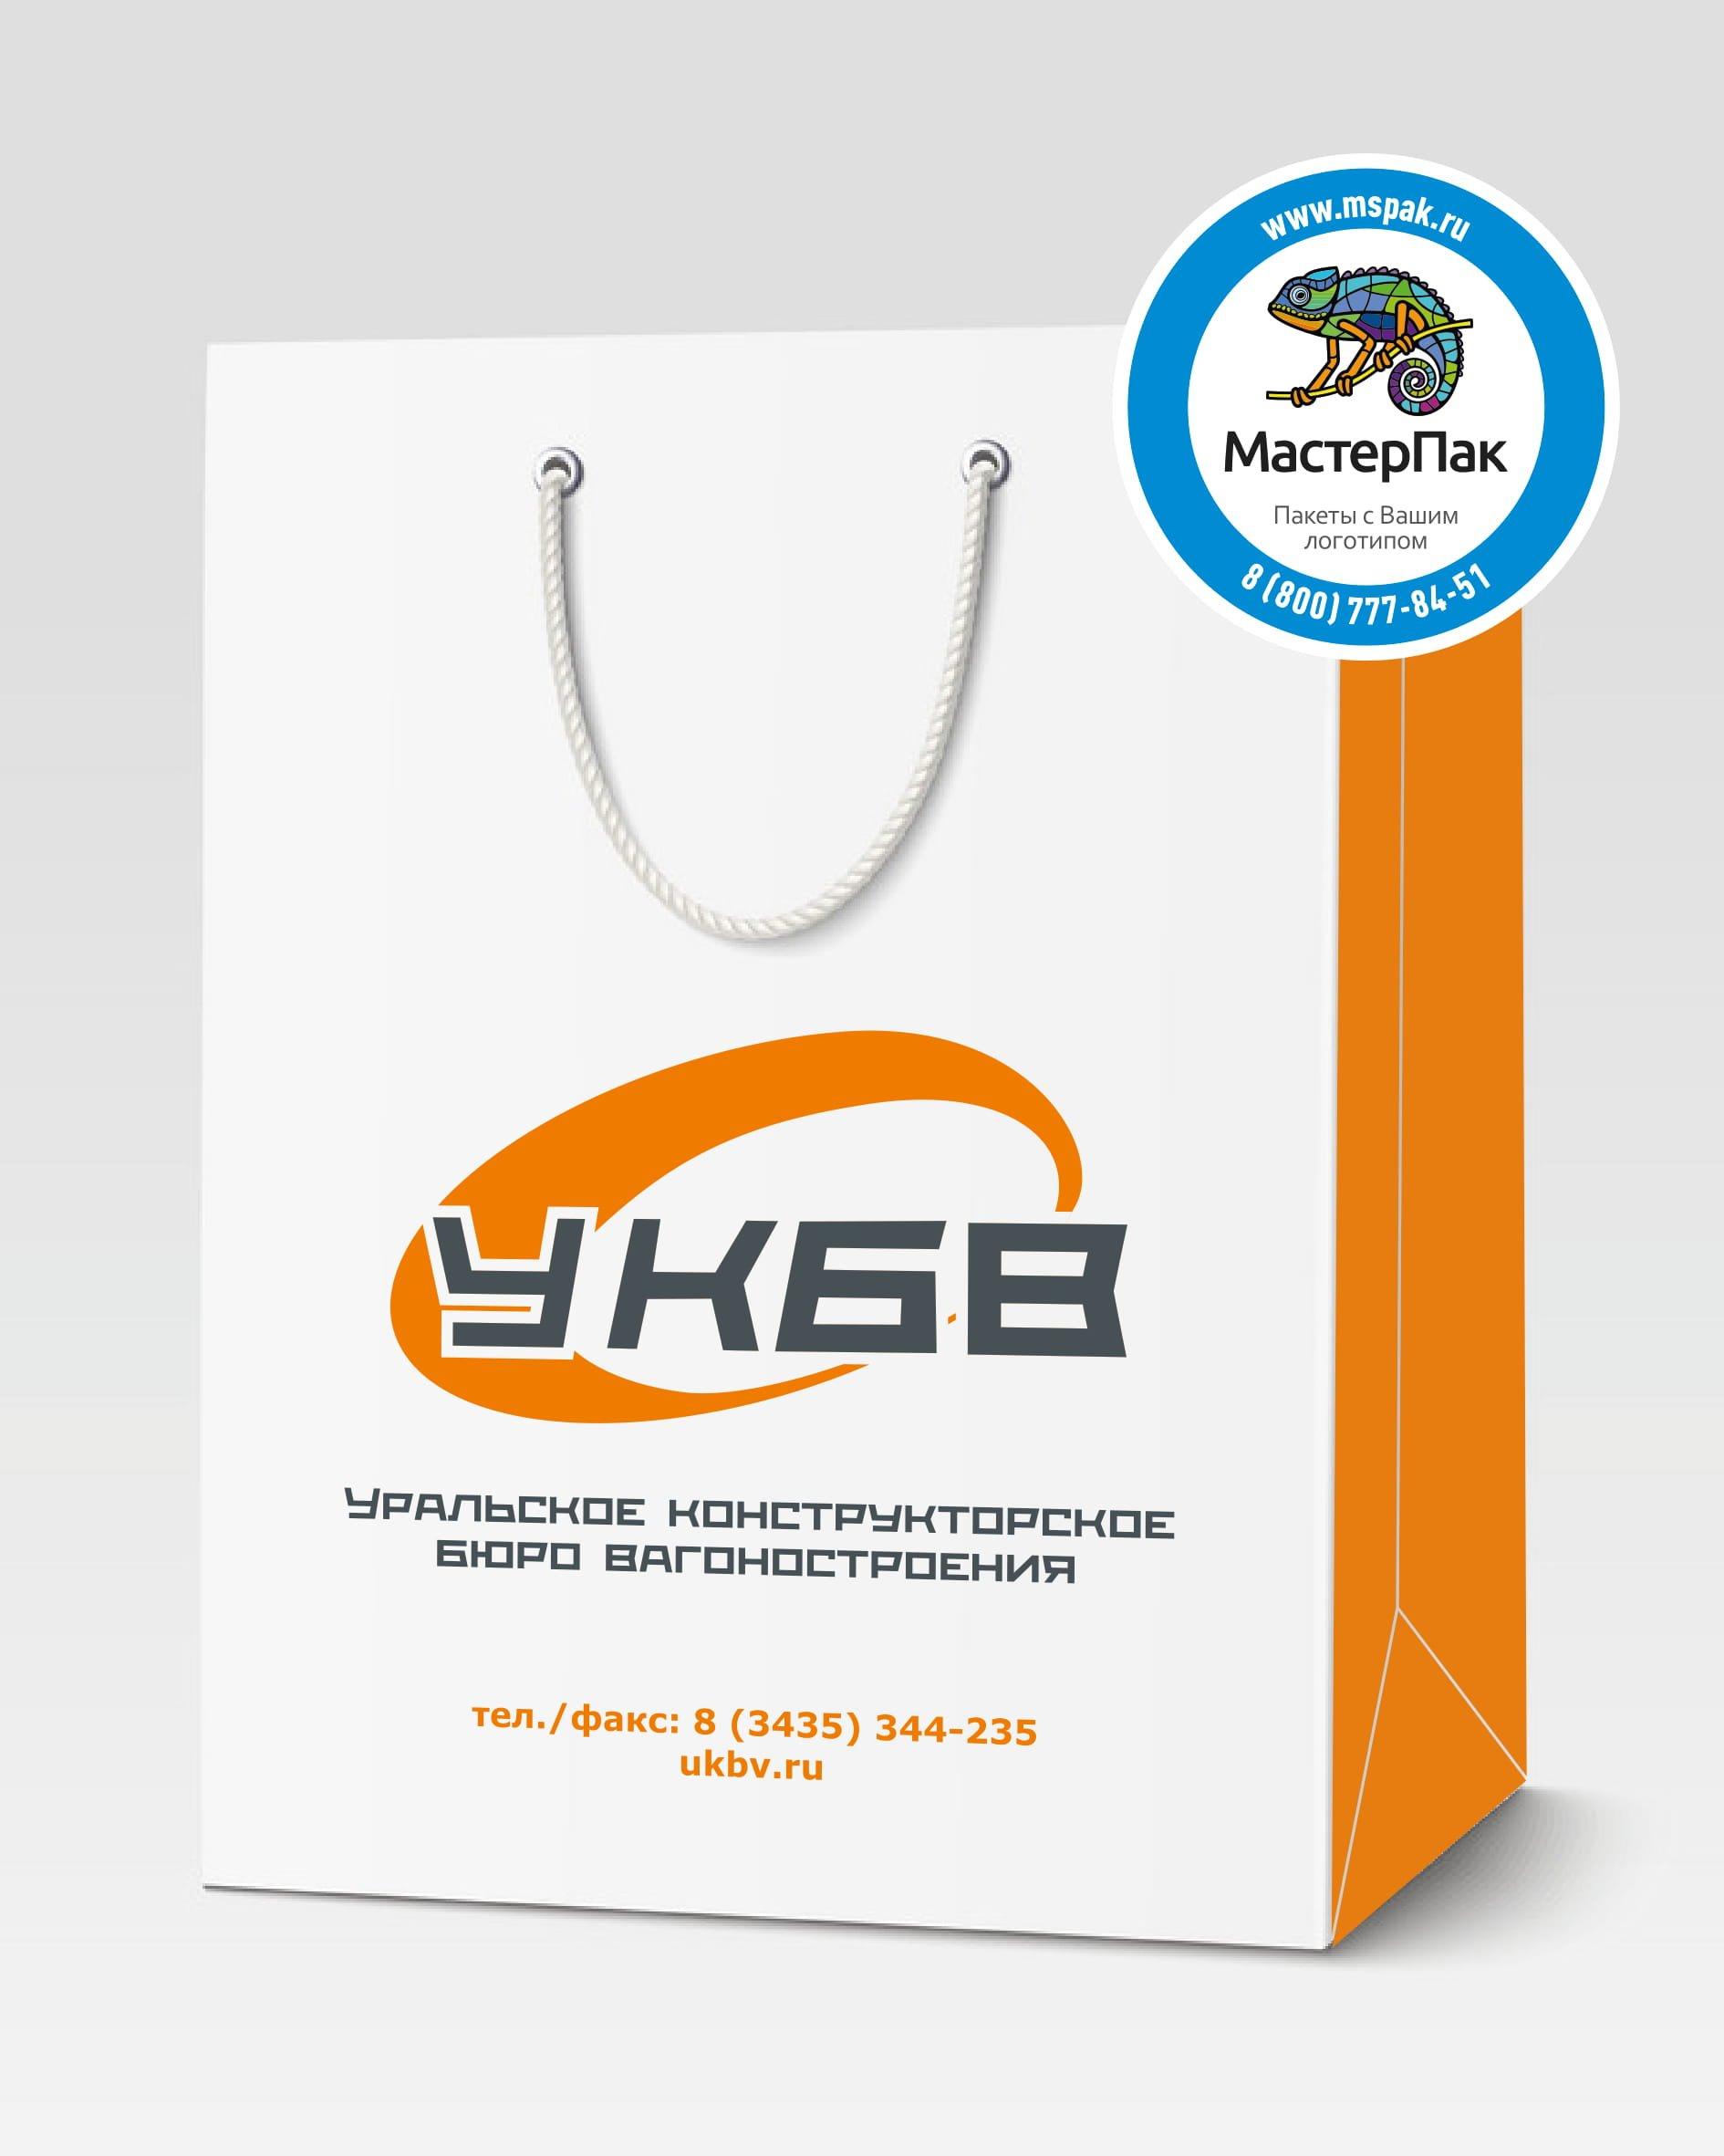 Пакет подарочный, бумажный с логотипом УКБВ, Екатеринбург, 30*40, люверсы